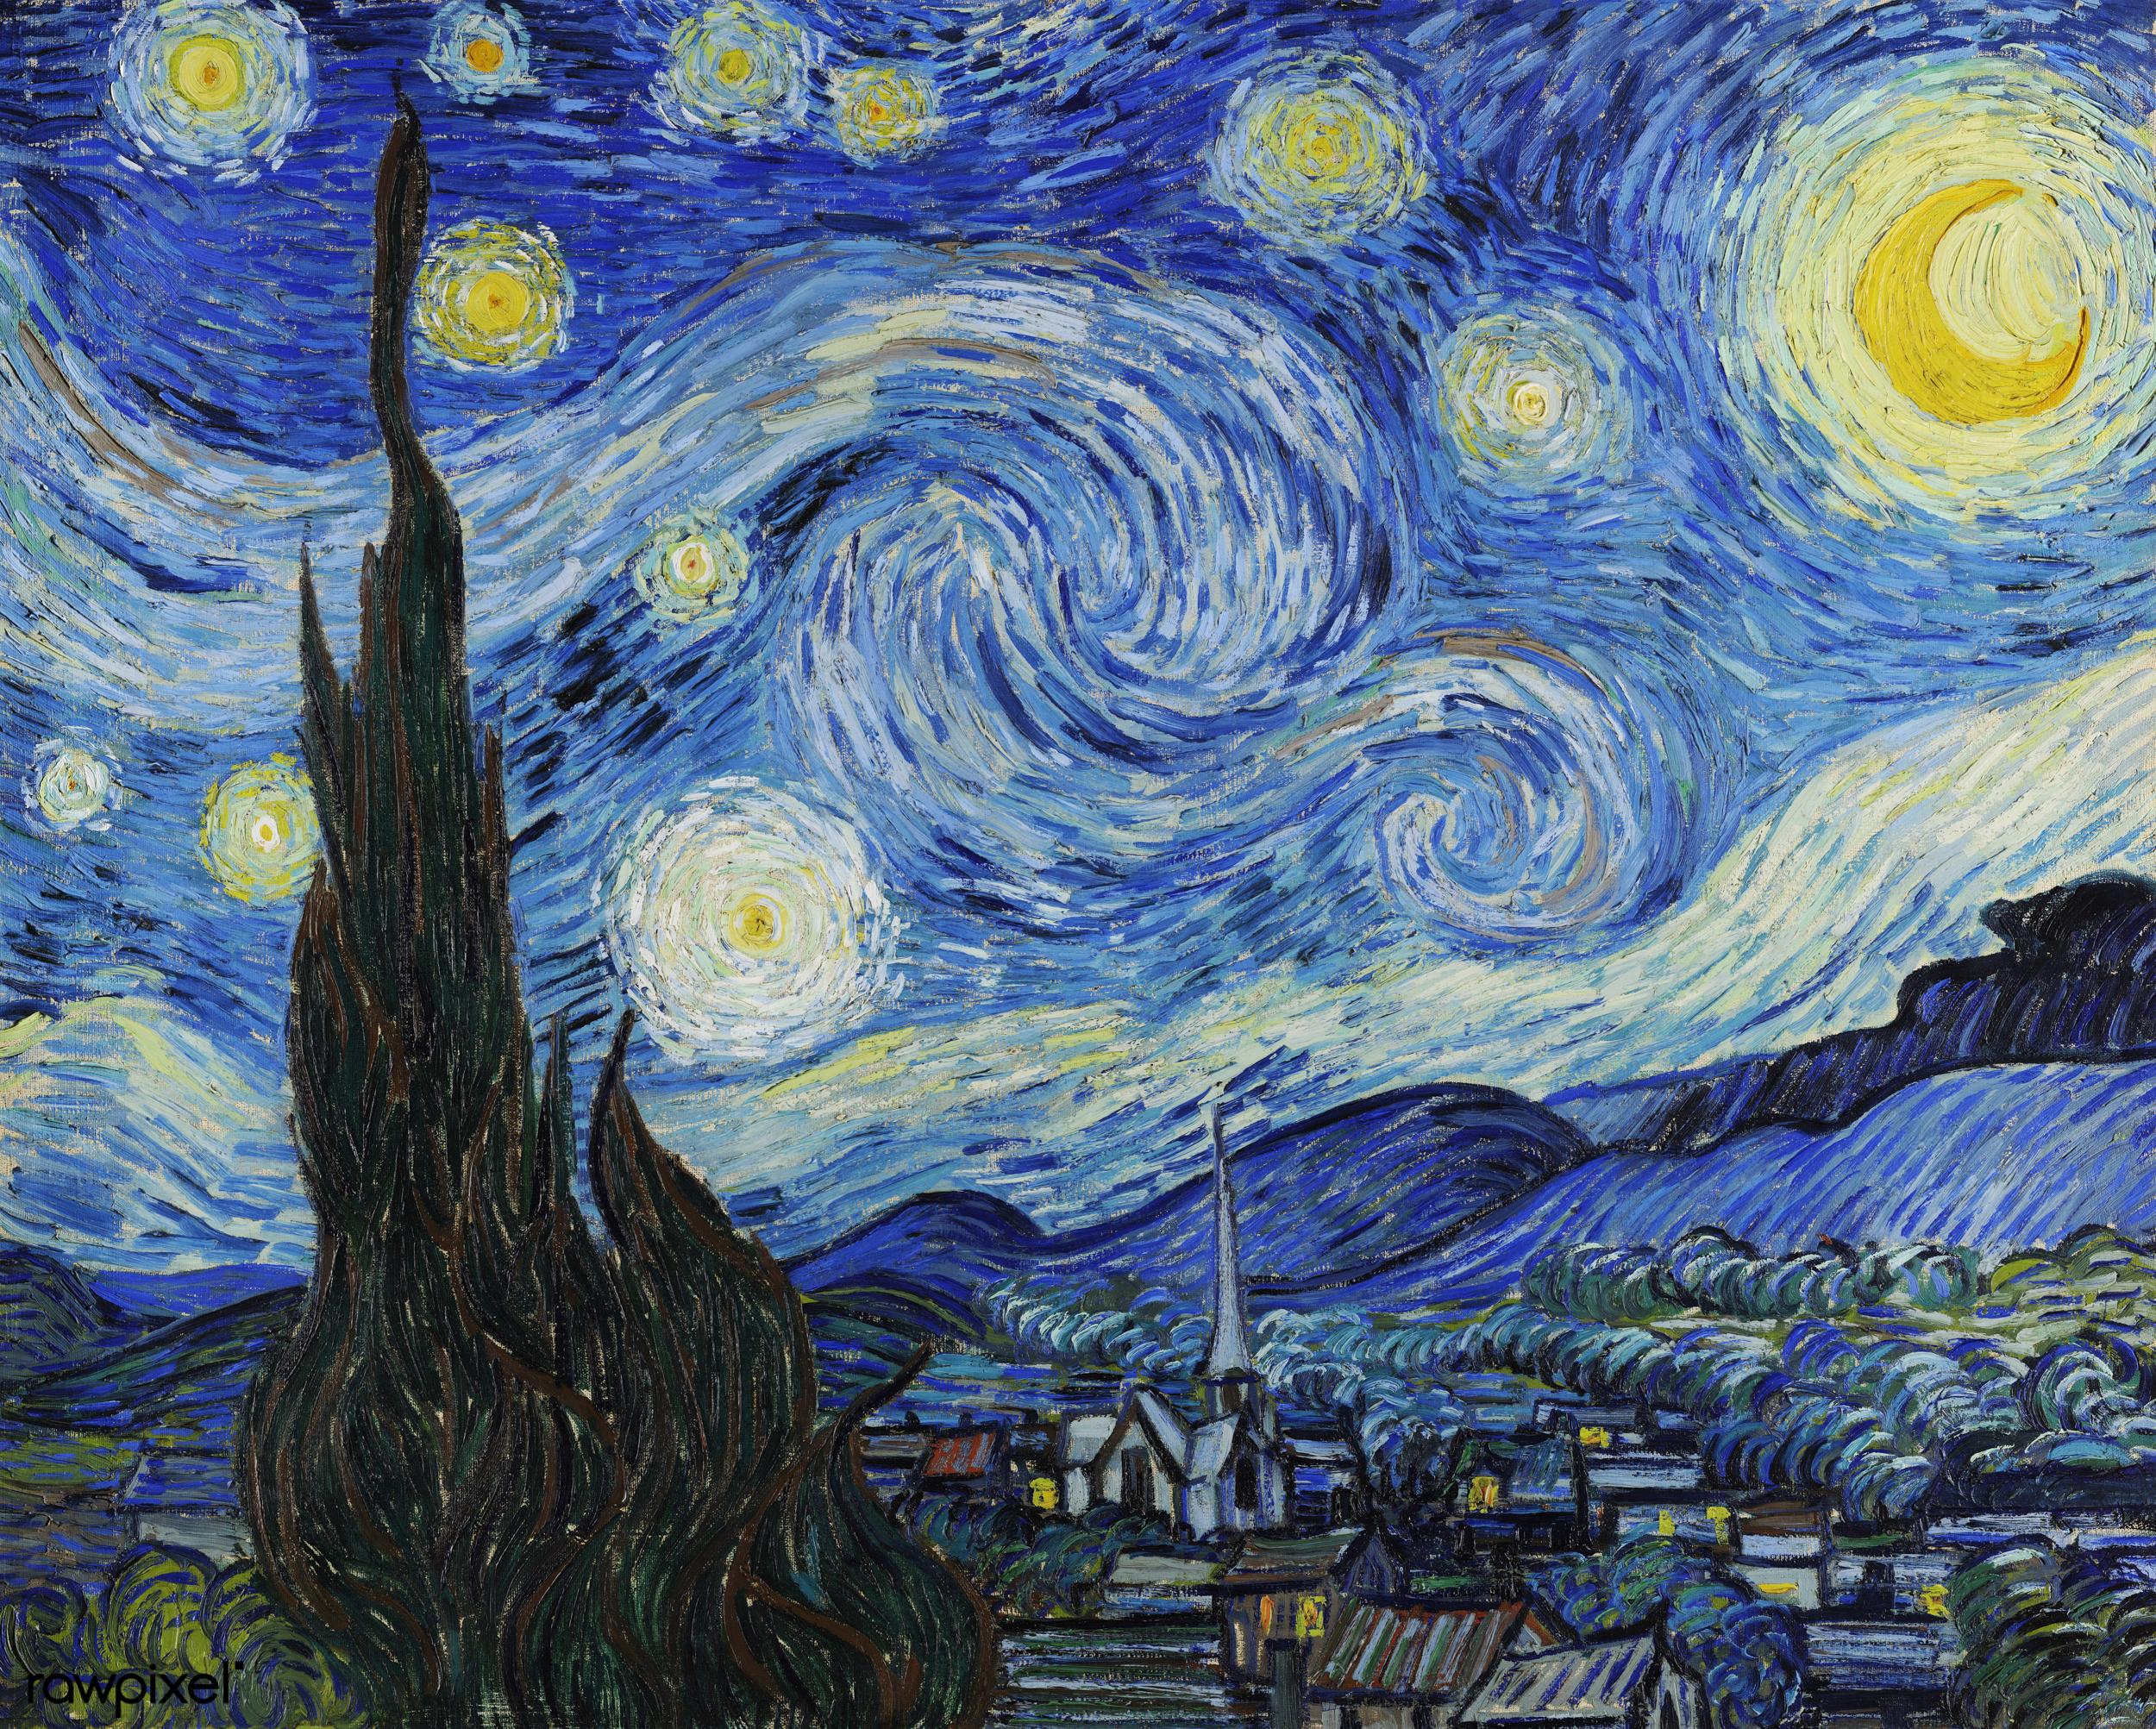 la locura de Van Gogh